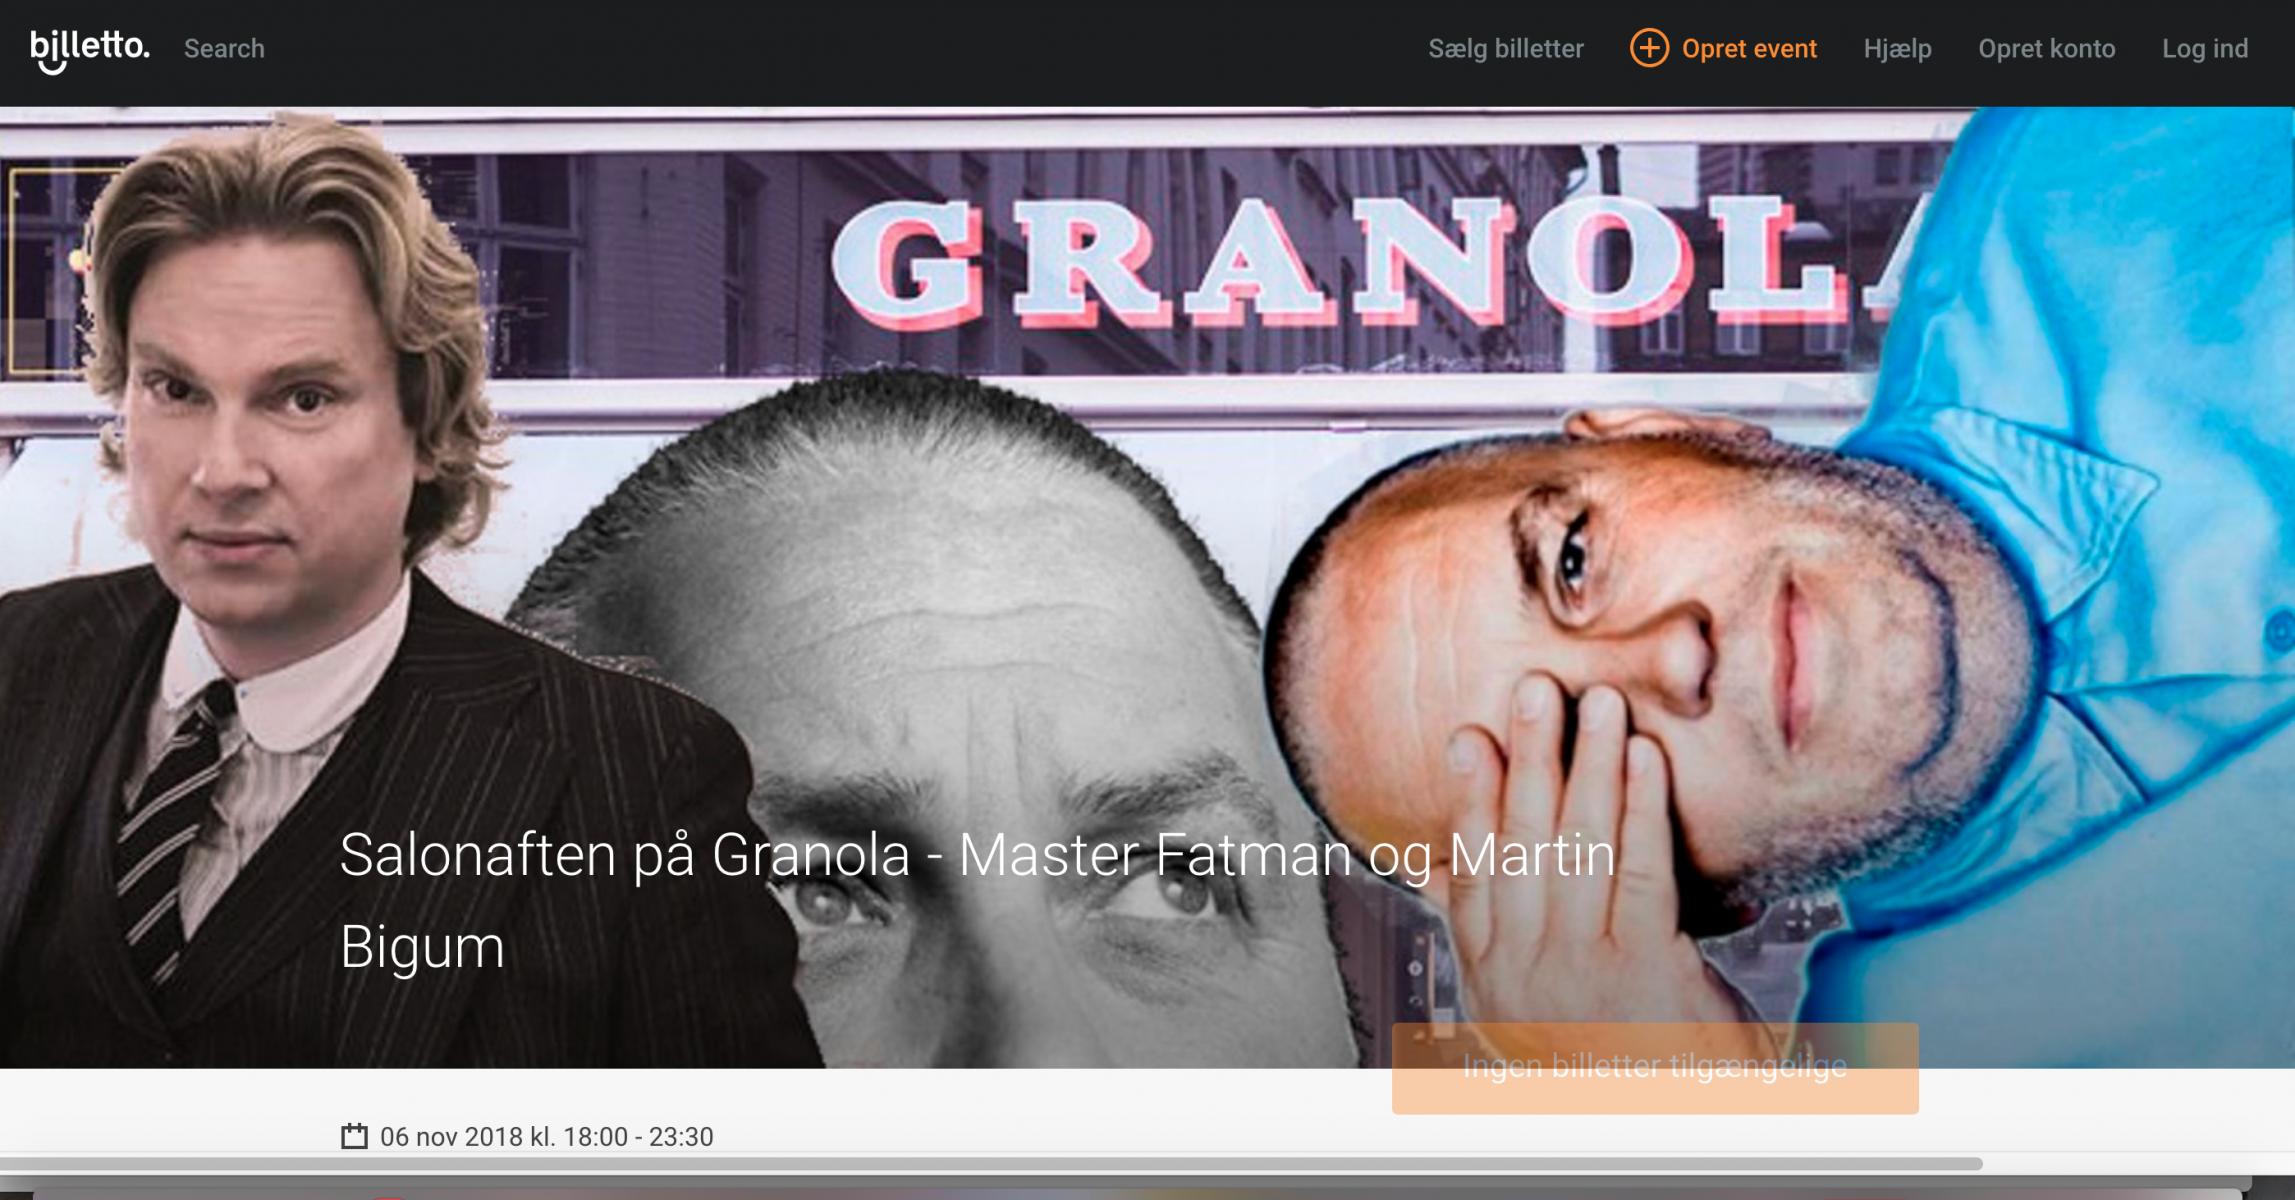 Martin Bigum, Master Fatman, Cafe Granola, Copenhagen, Værnedamsvej